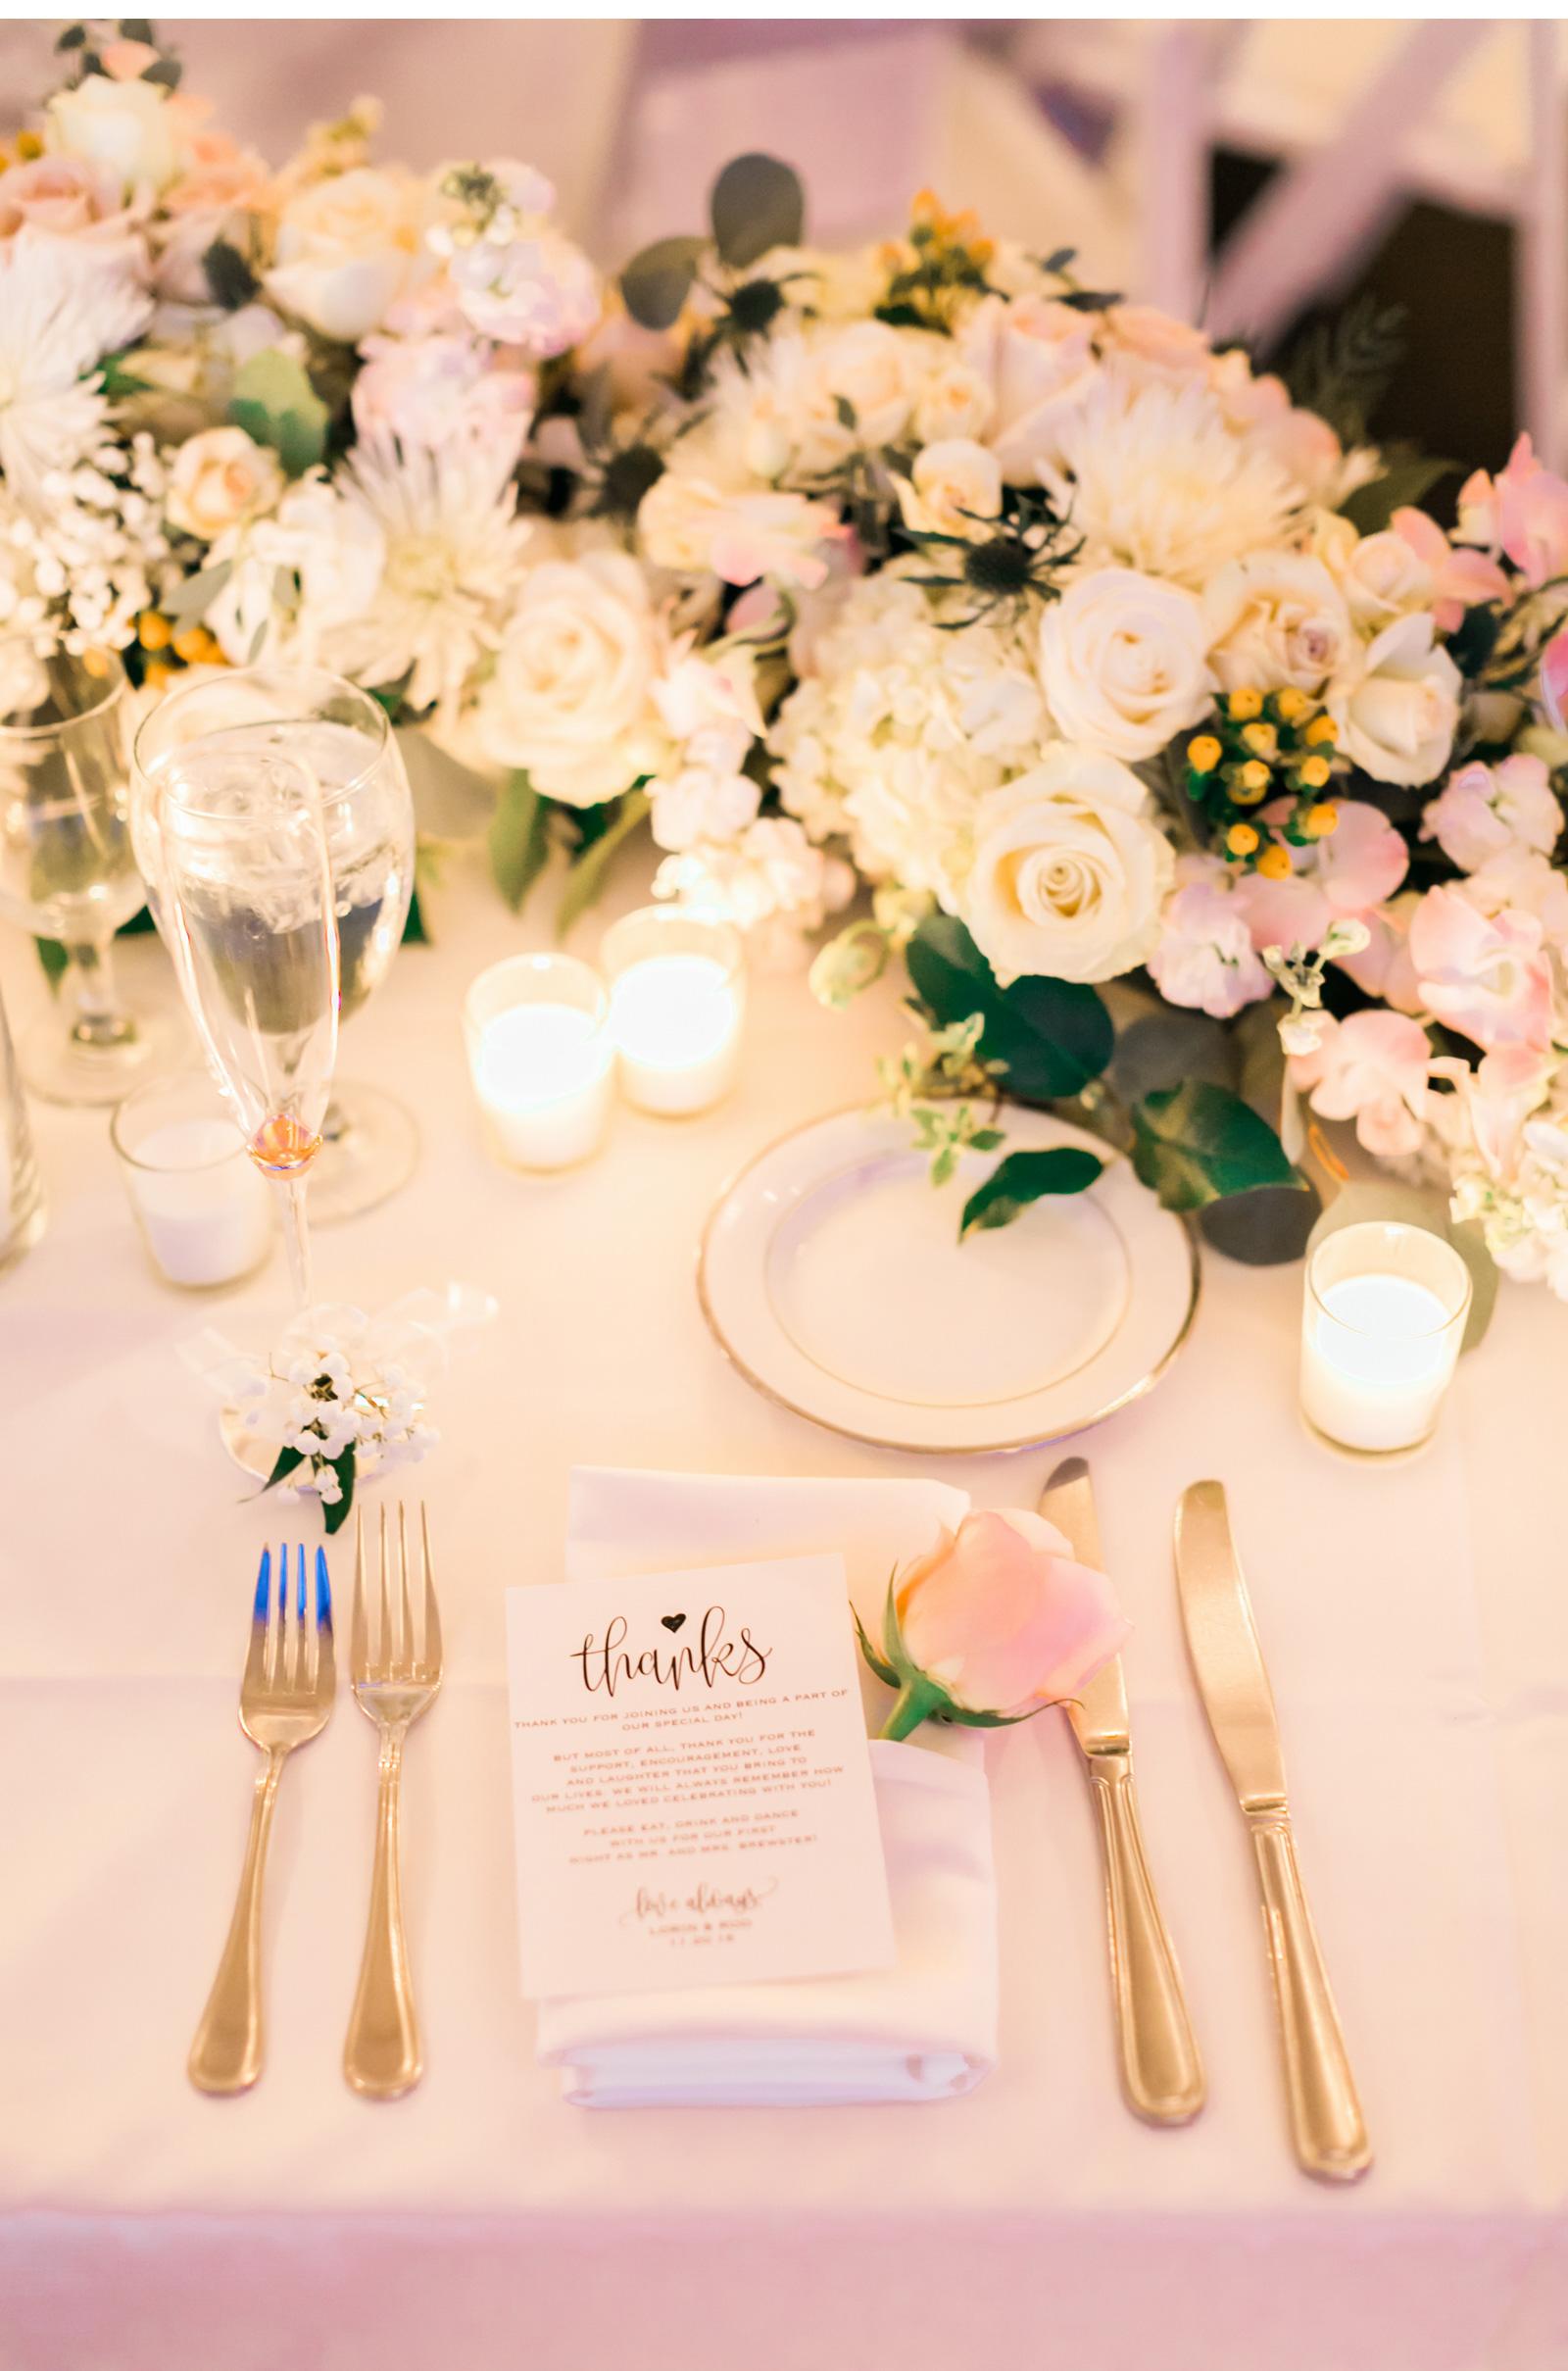 Sunset-Restaurant-Wedding-Natalie-Schutt-Photography_01_08.jpg